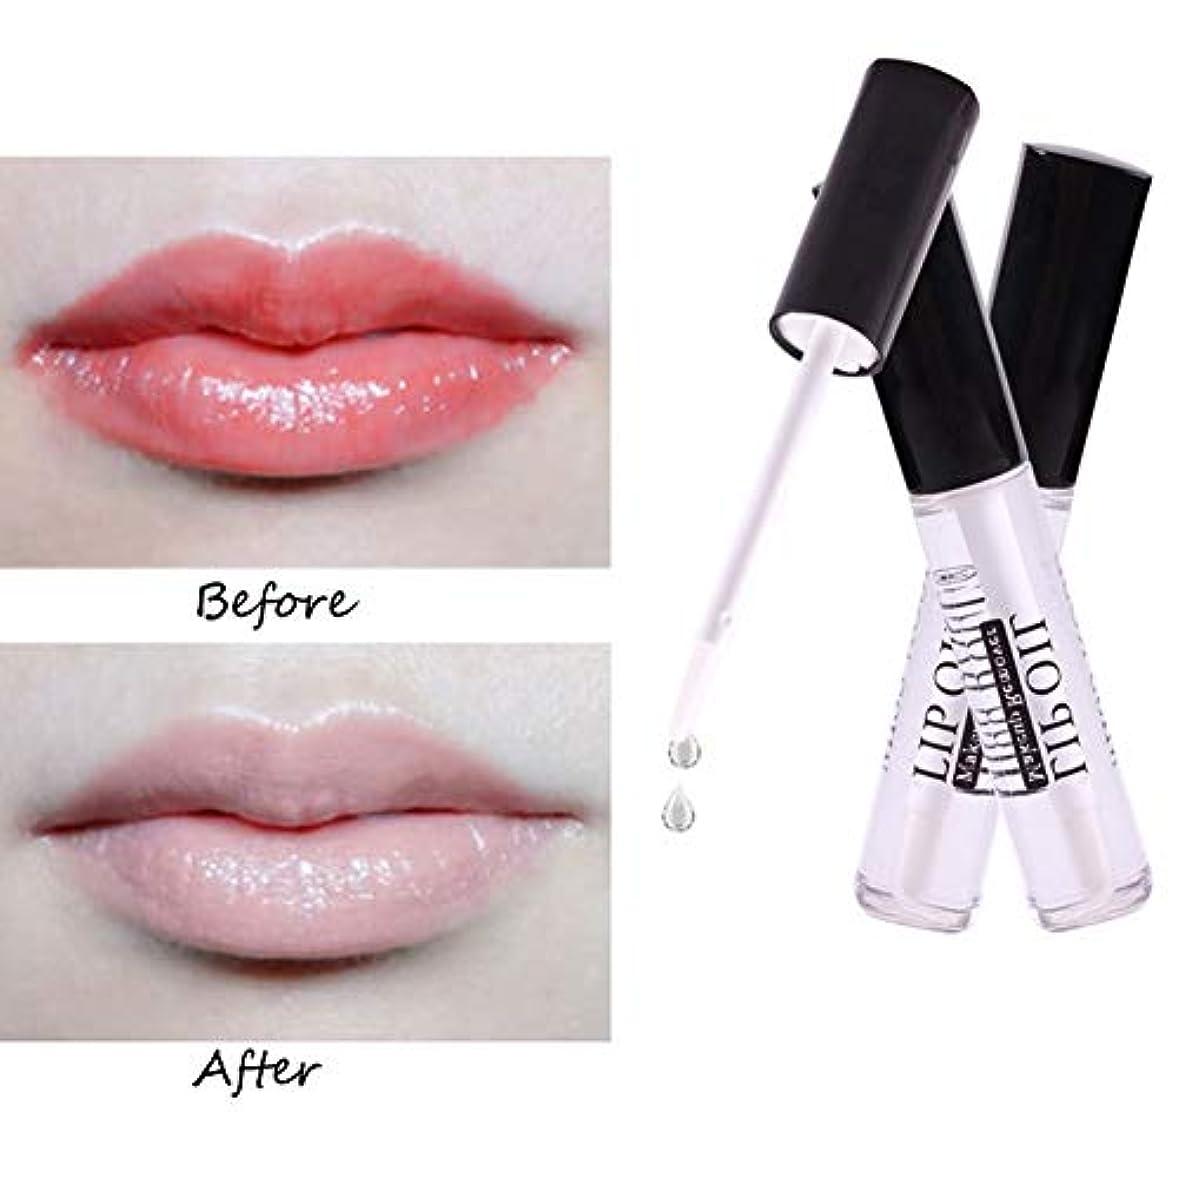 発明人事本当のことを言うとACHICOO クレンジングオイル リップグロス·リップスティック·口紅専用 唇 保湿 健康 プロ化粧